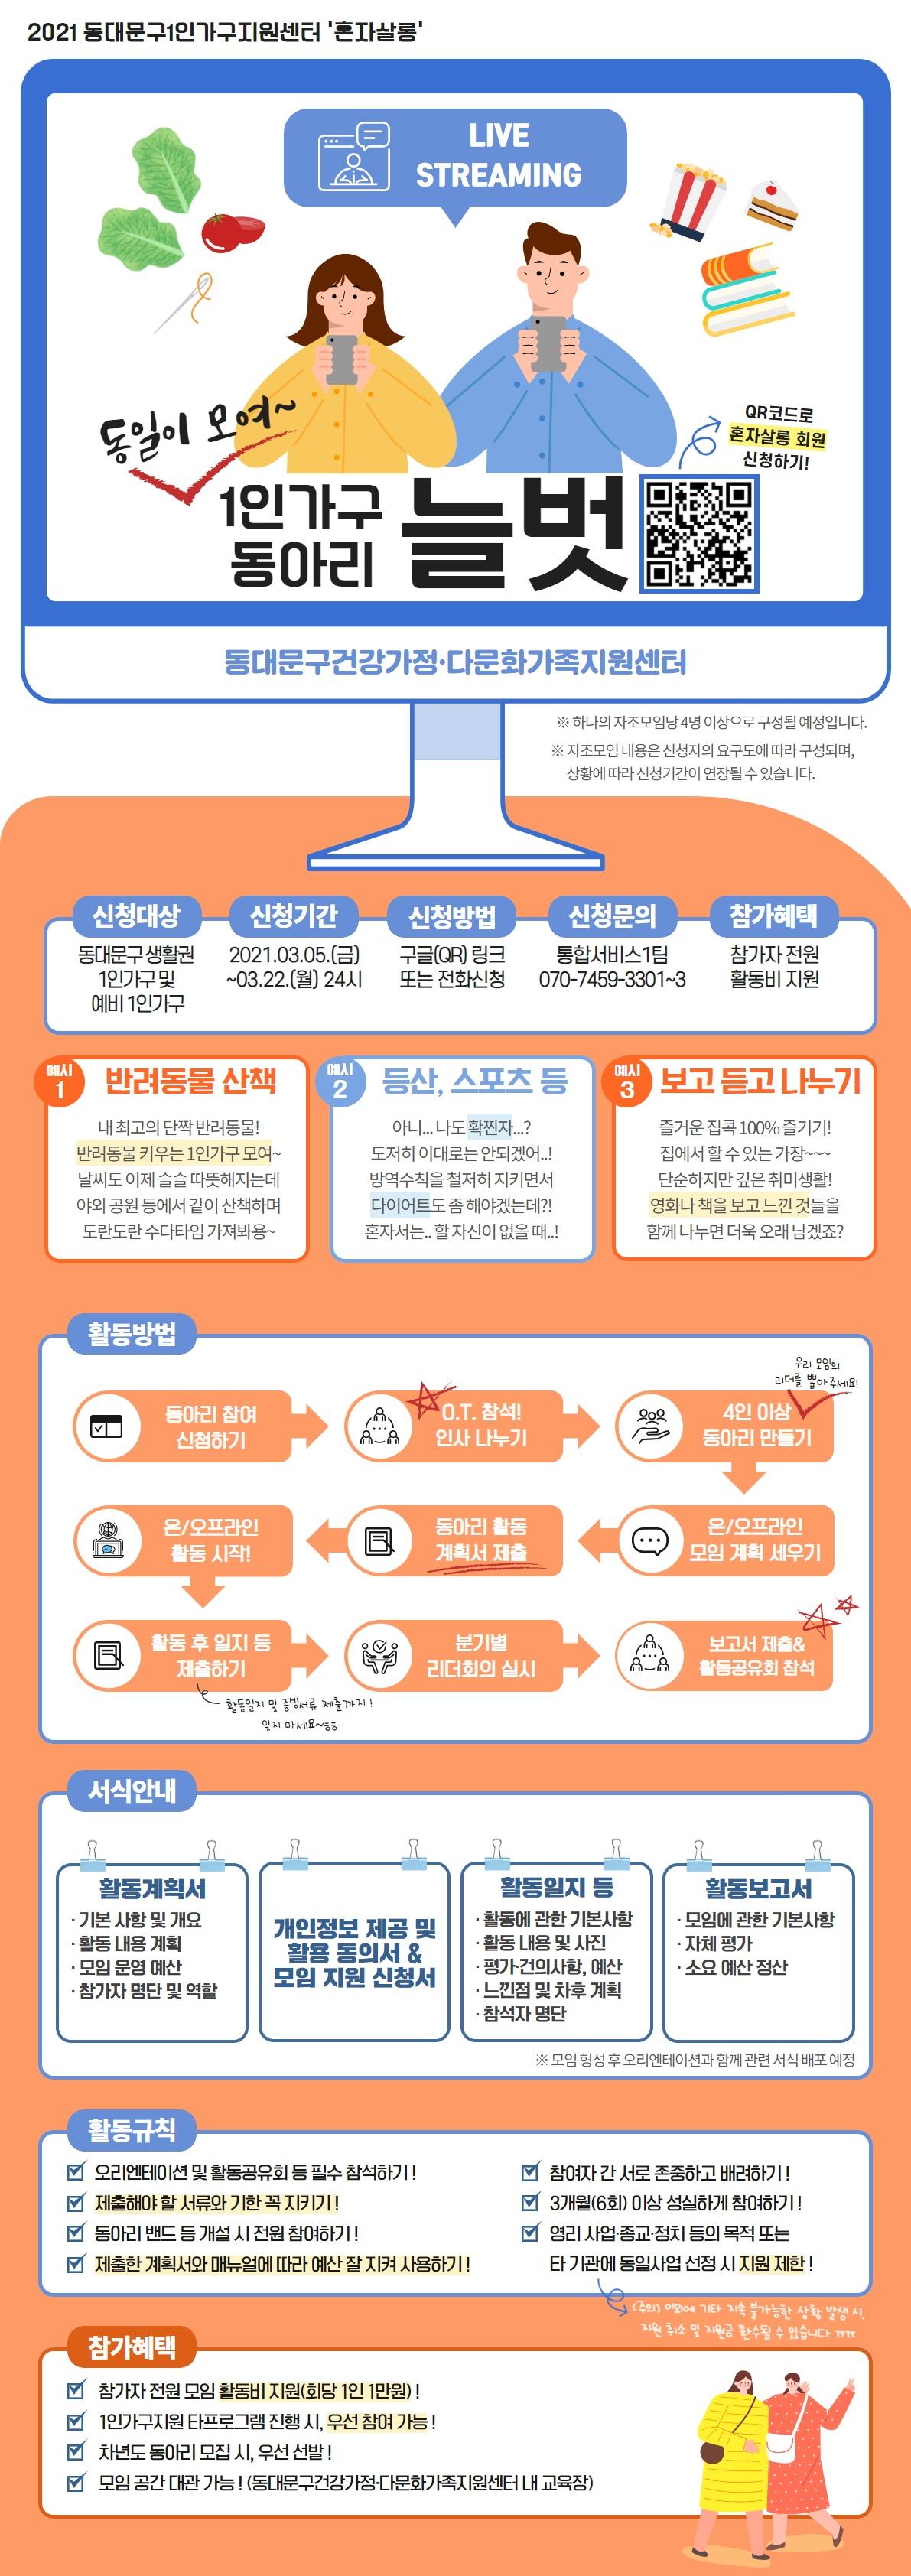 [동대문구] 2021 1인가구지원센터 동아리 '늘벗'